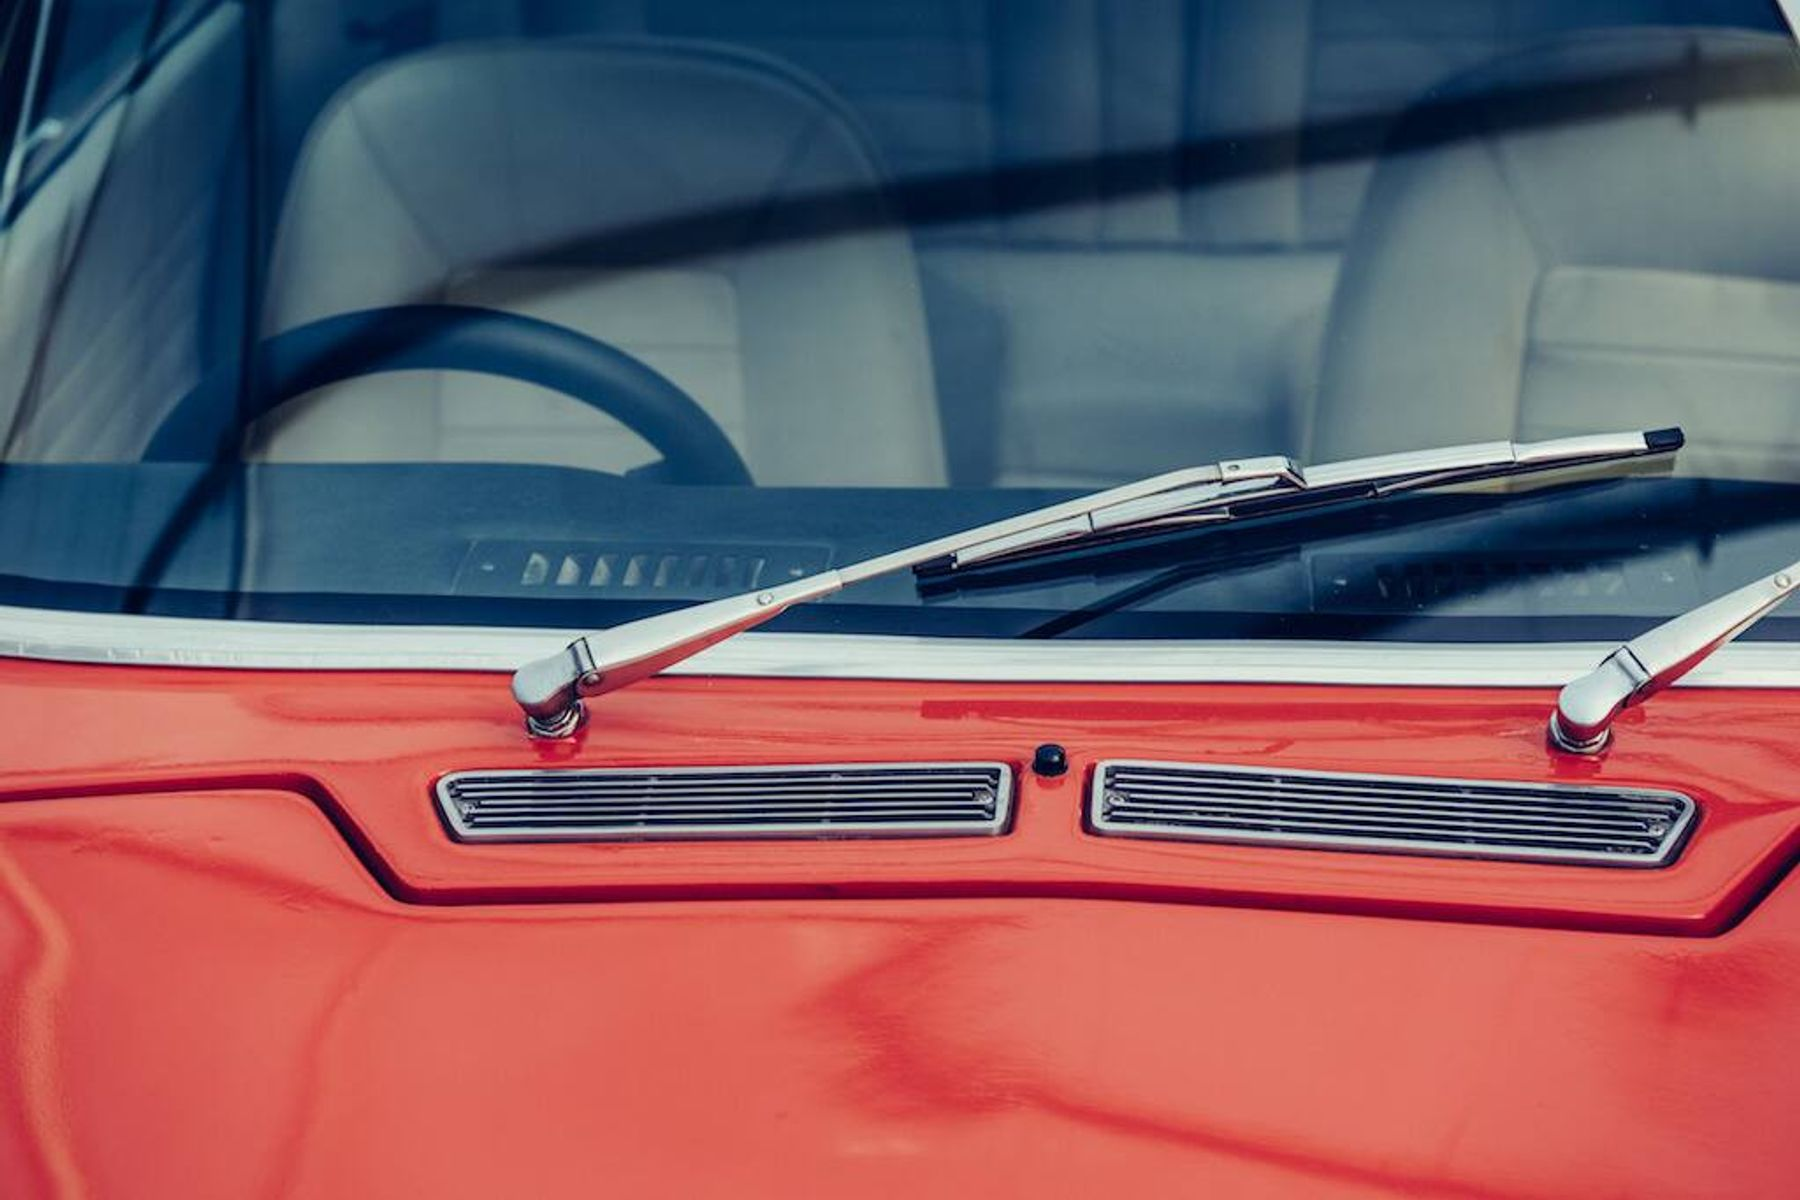 ventana de auto donde se ve parabrisas